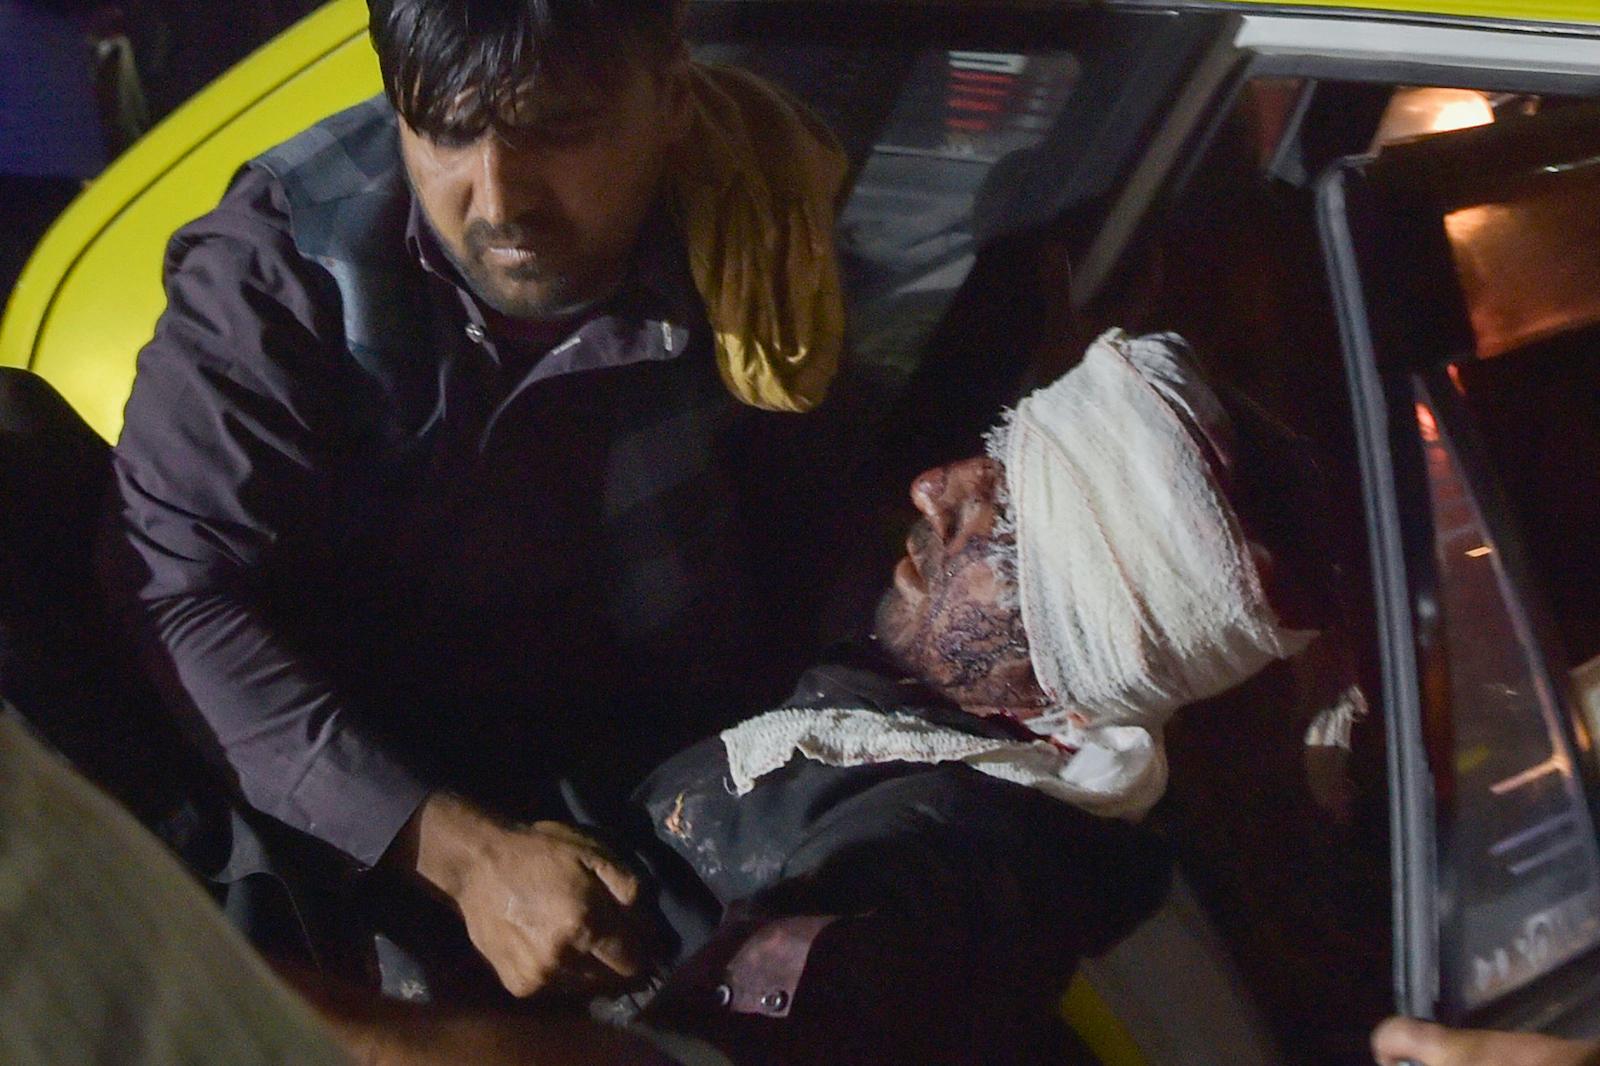 26 年 2021 月 XNUMX 日,喀布尔机场外发生两次爆炸,造成至少 XNUMX 人死亡、XNUMX 人受伤,医务人员和医院工作人员将一名受伤男子抬下车接受治疗。照片:法新社 / Wakil Kohsar